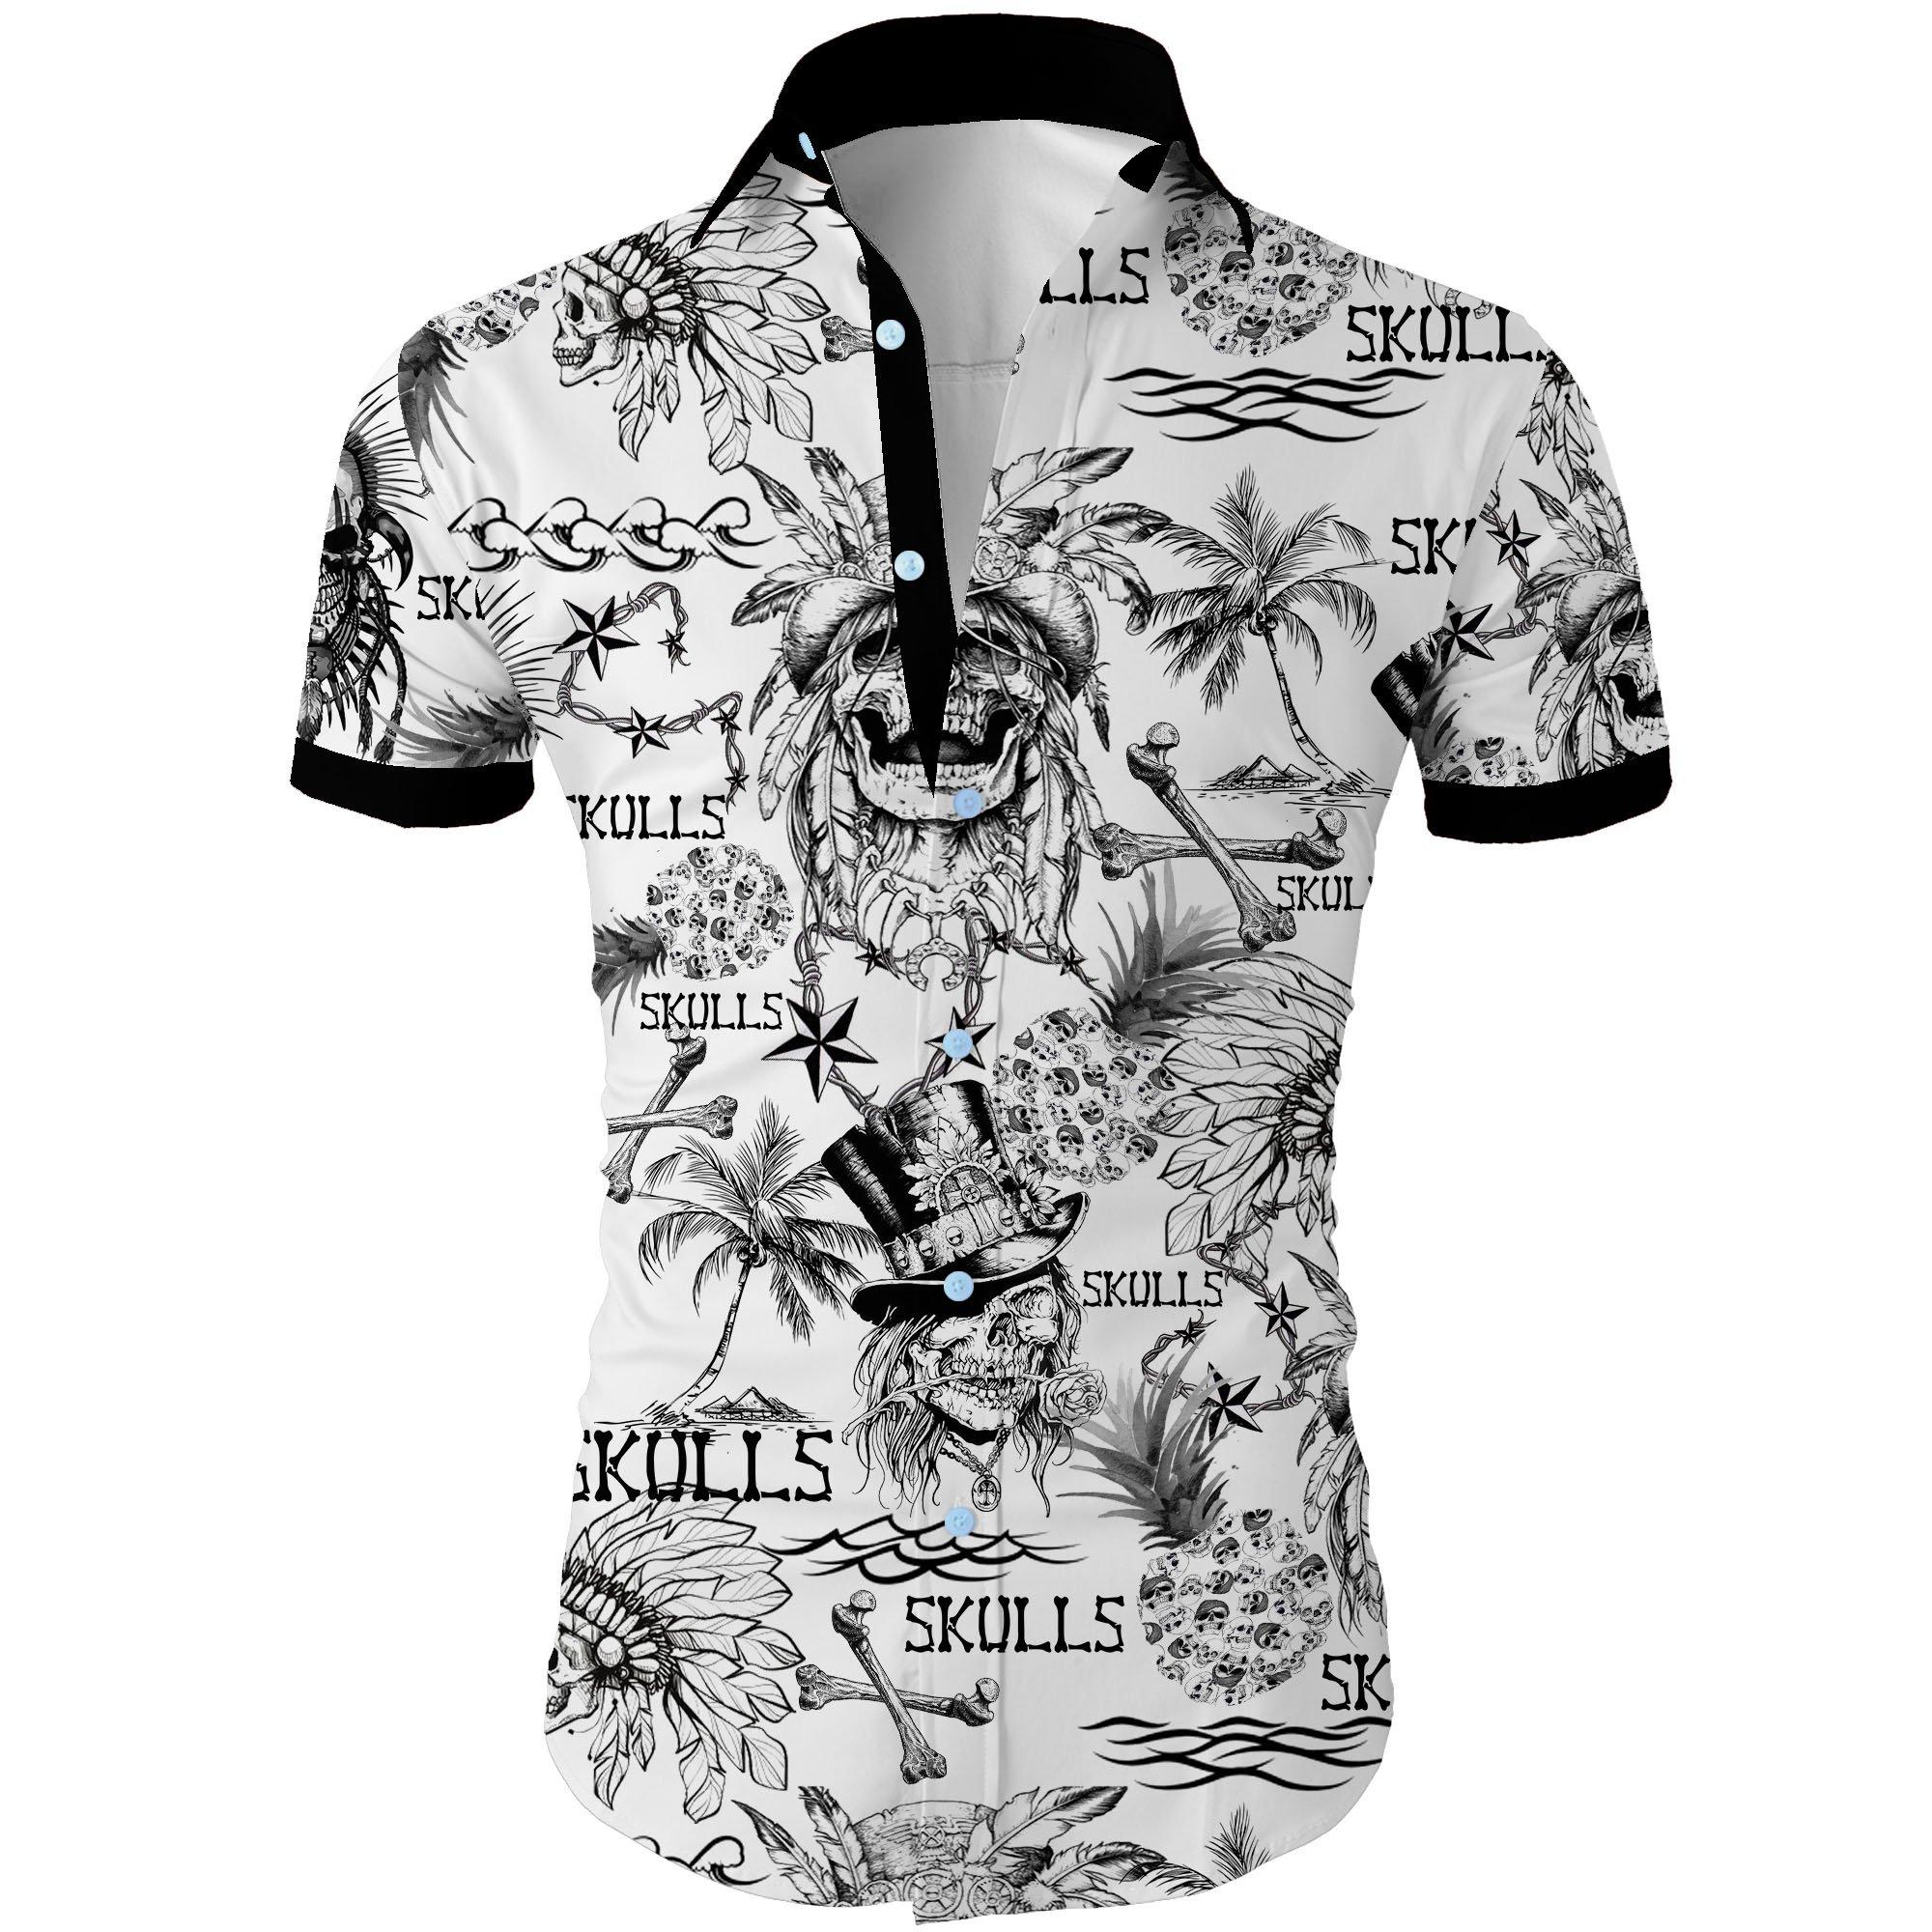 Skulls all over printed hawaiian shirt 1